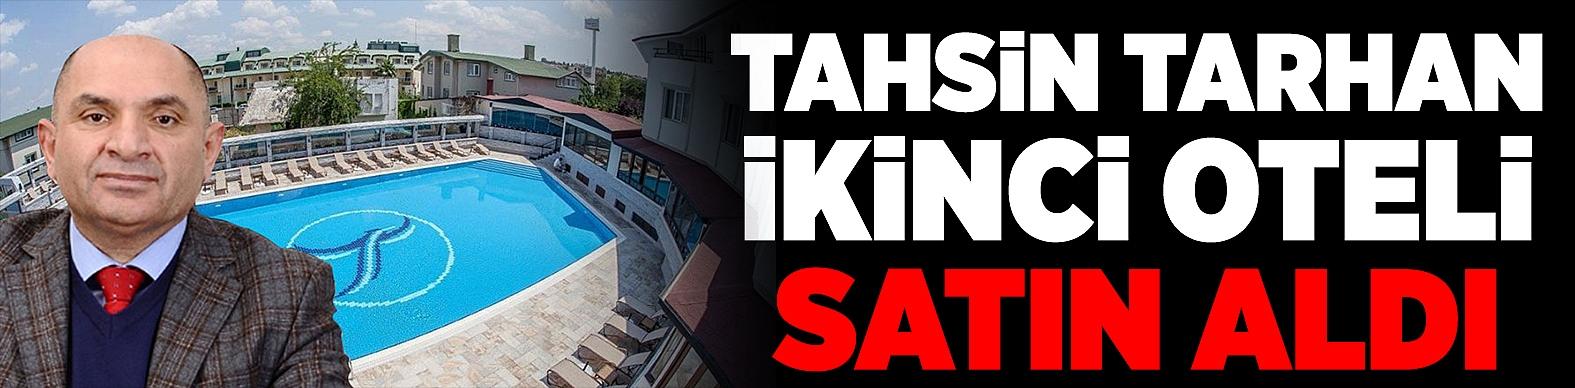 Tahsin Tarhan 2'nci oteli satın aldı